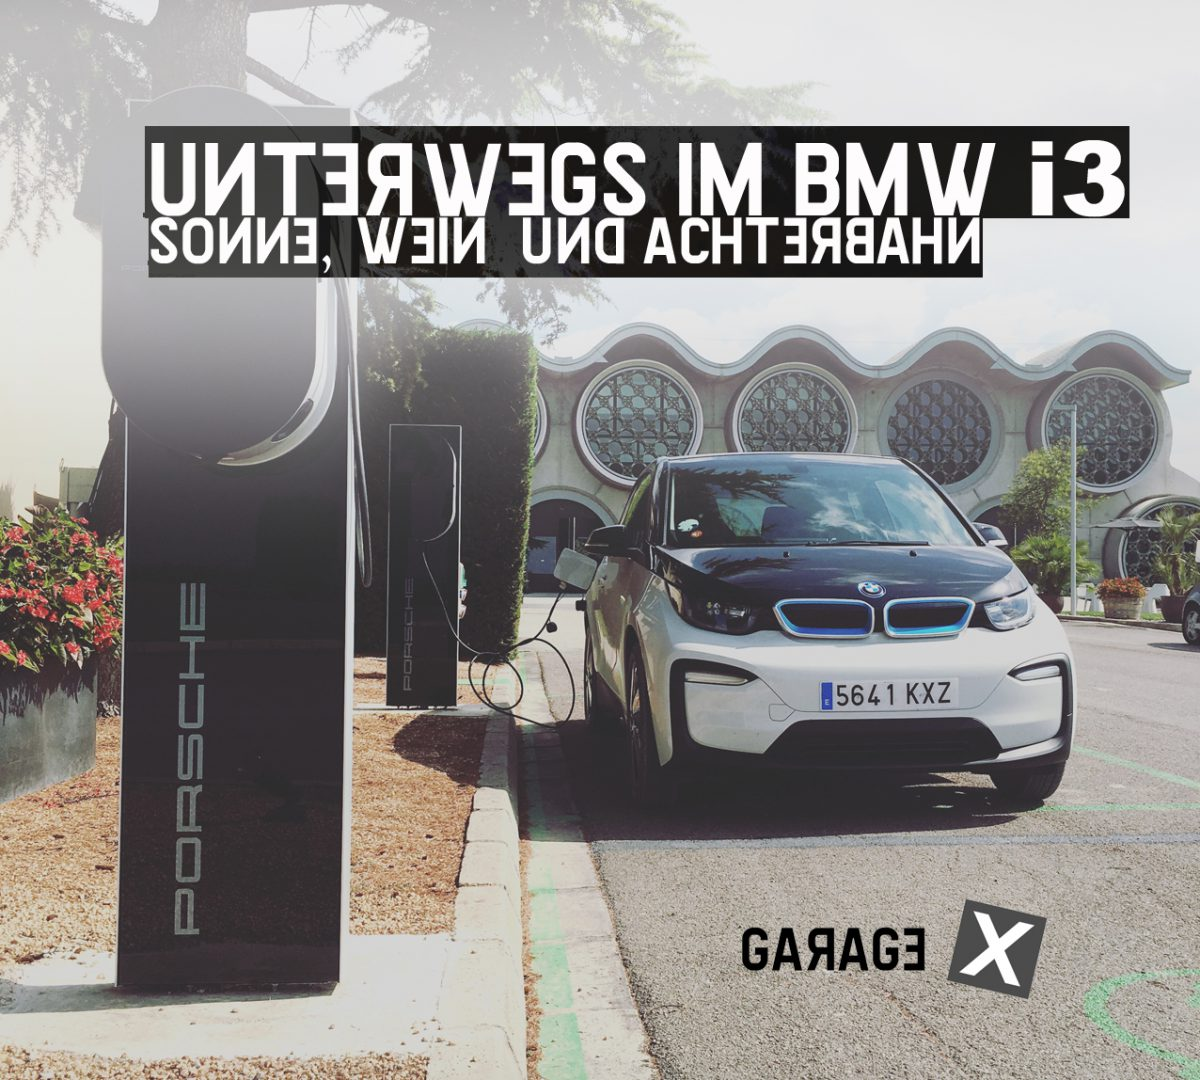 Roadtrip im BMW i3___Penedes, Priorat, Portaventura